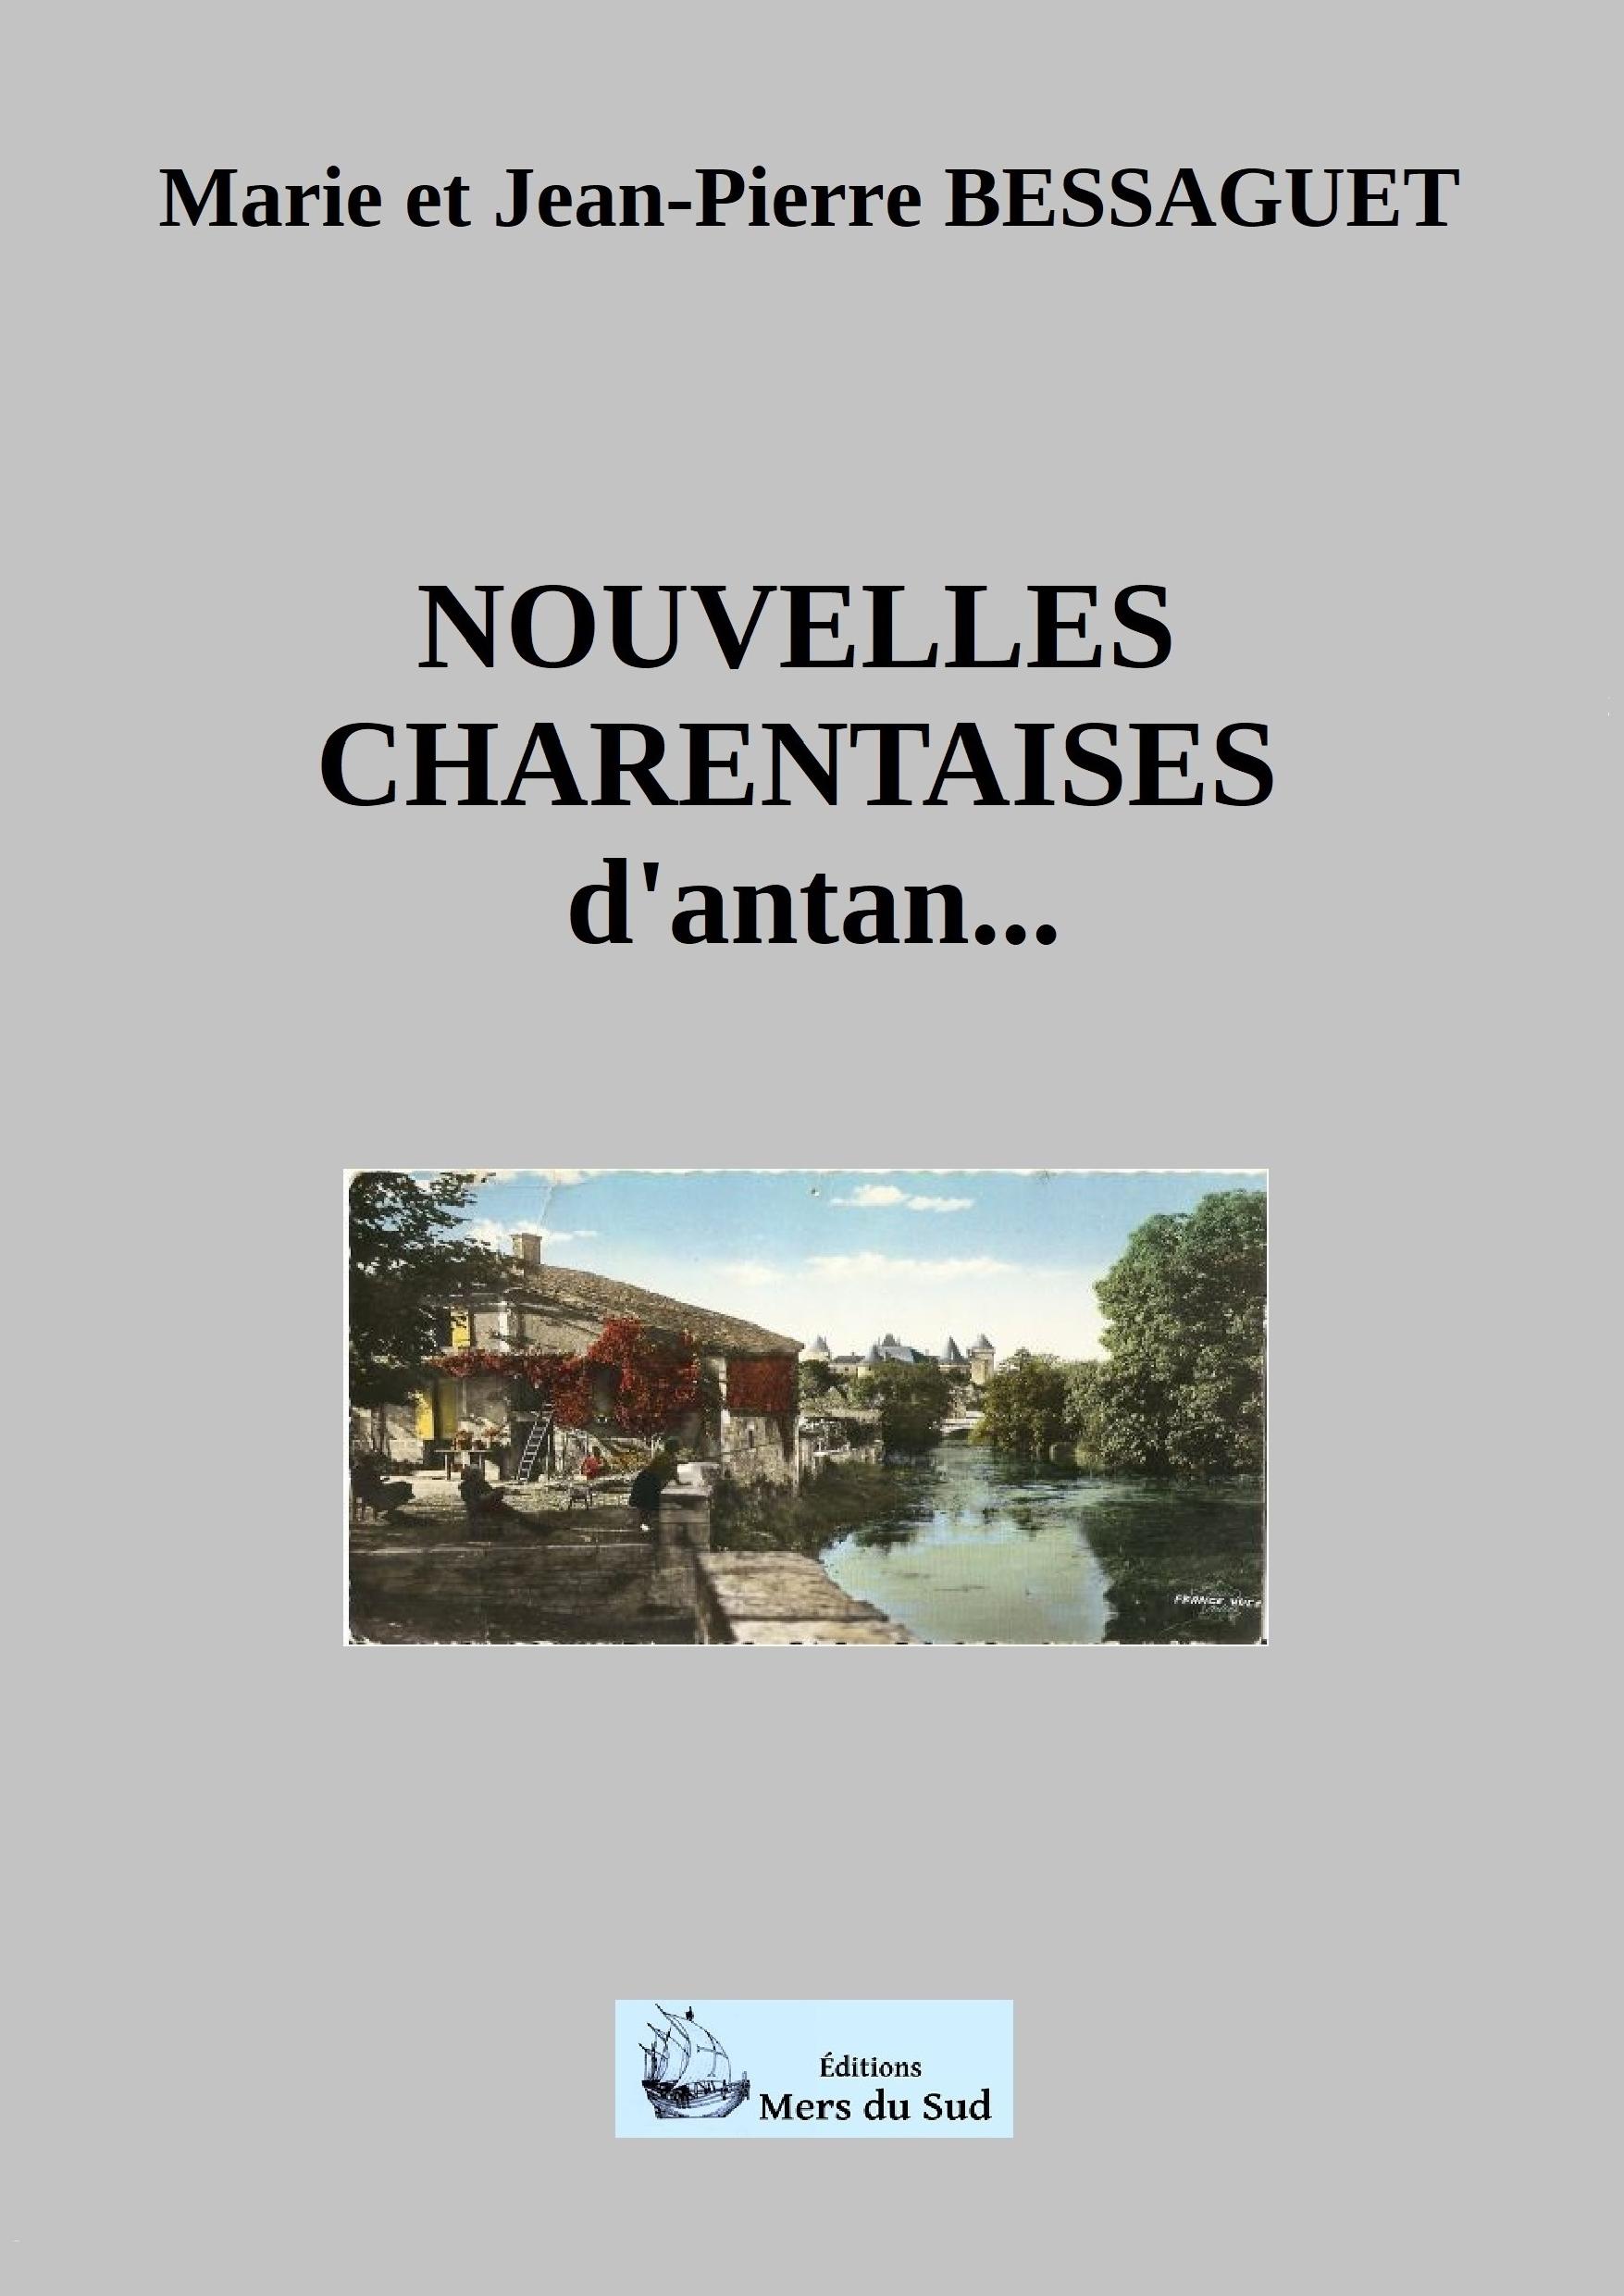 NOUVELLES CHARENTAISES d'antan...